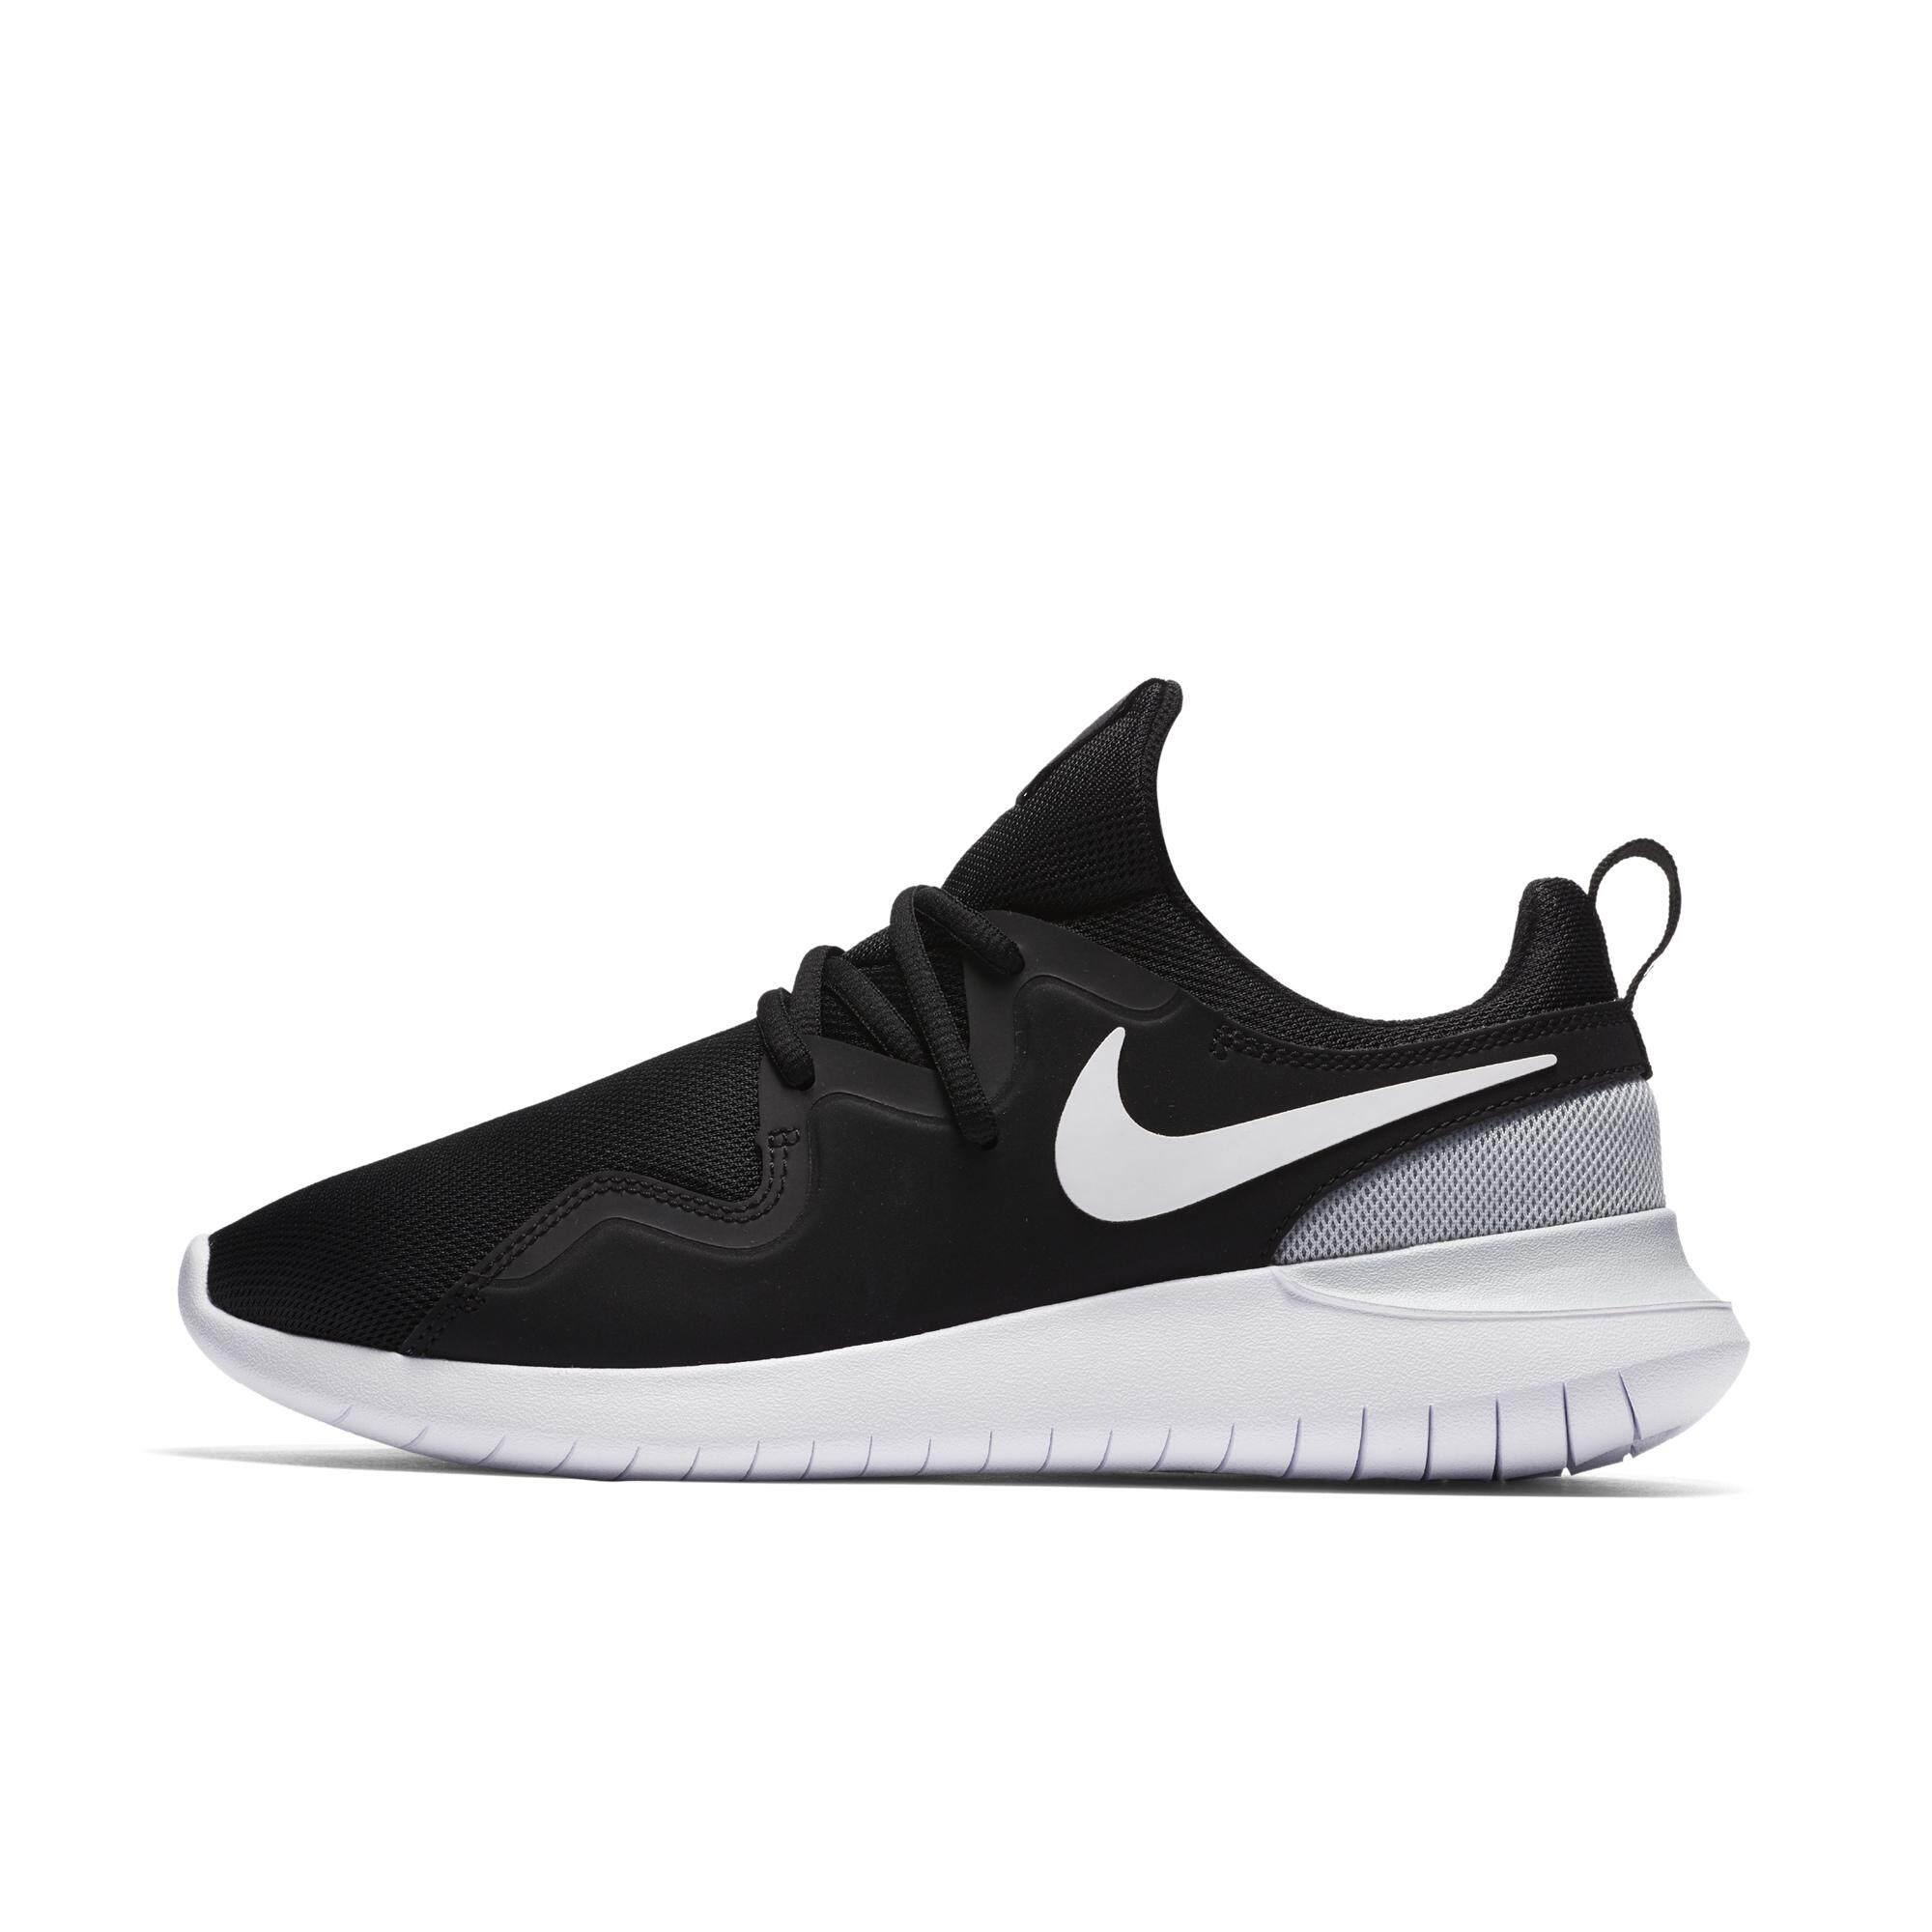 ยี่ห้อนี้ดีไหม  ตาก Nike_2019 Tessen ผู้ชายกีฬารองเท้าผู้หญิงรองเท้ารองเท้าผู้ชายฤดูร้อนตาข่าย Breathable Aa2160